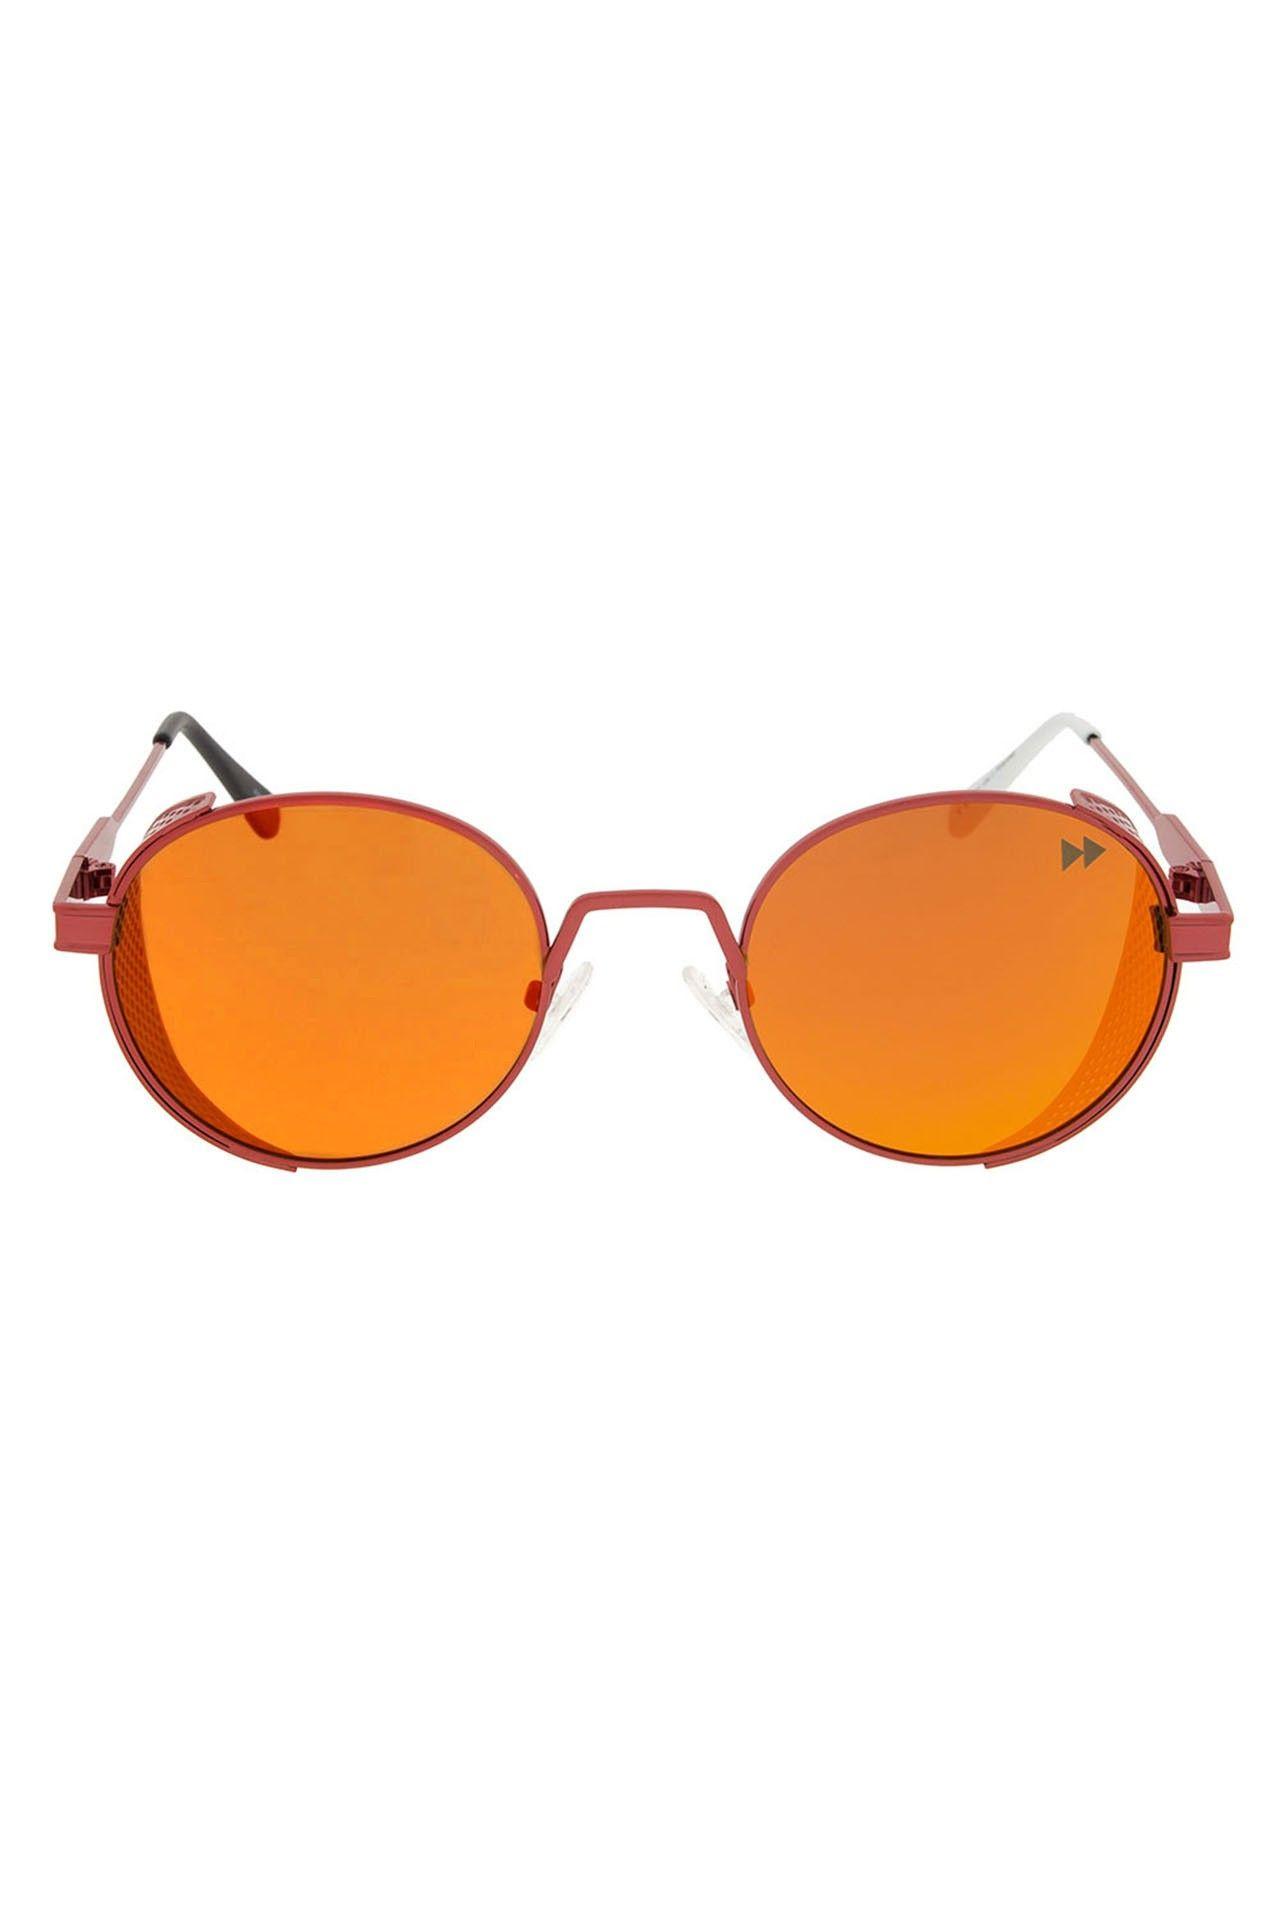 Afbeelding van Sunheroes Roswell Premium 40622 Zonnebril Fierry Red Metal